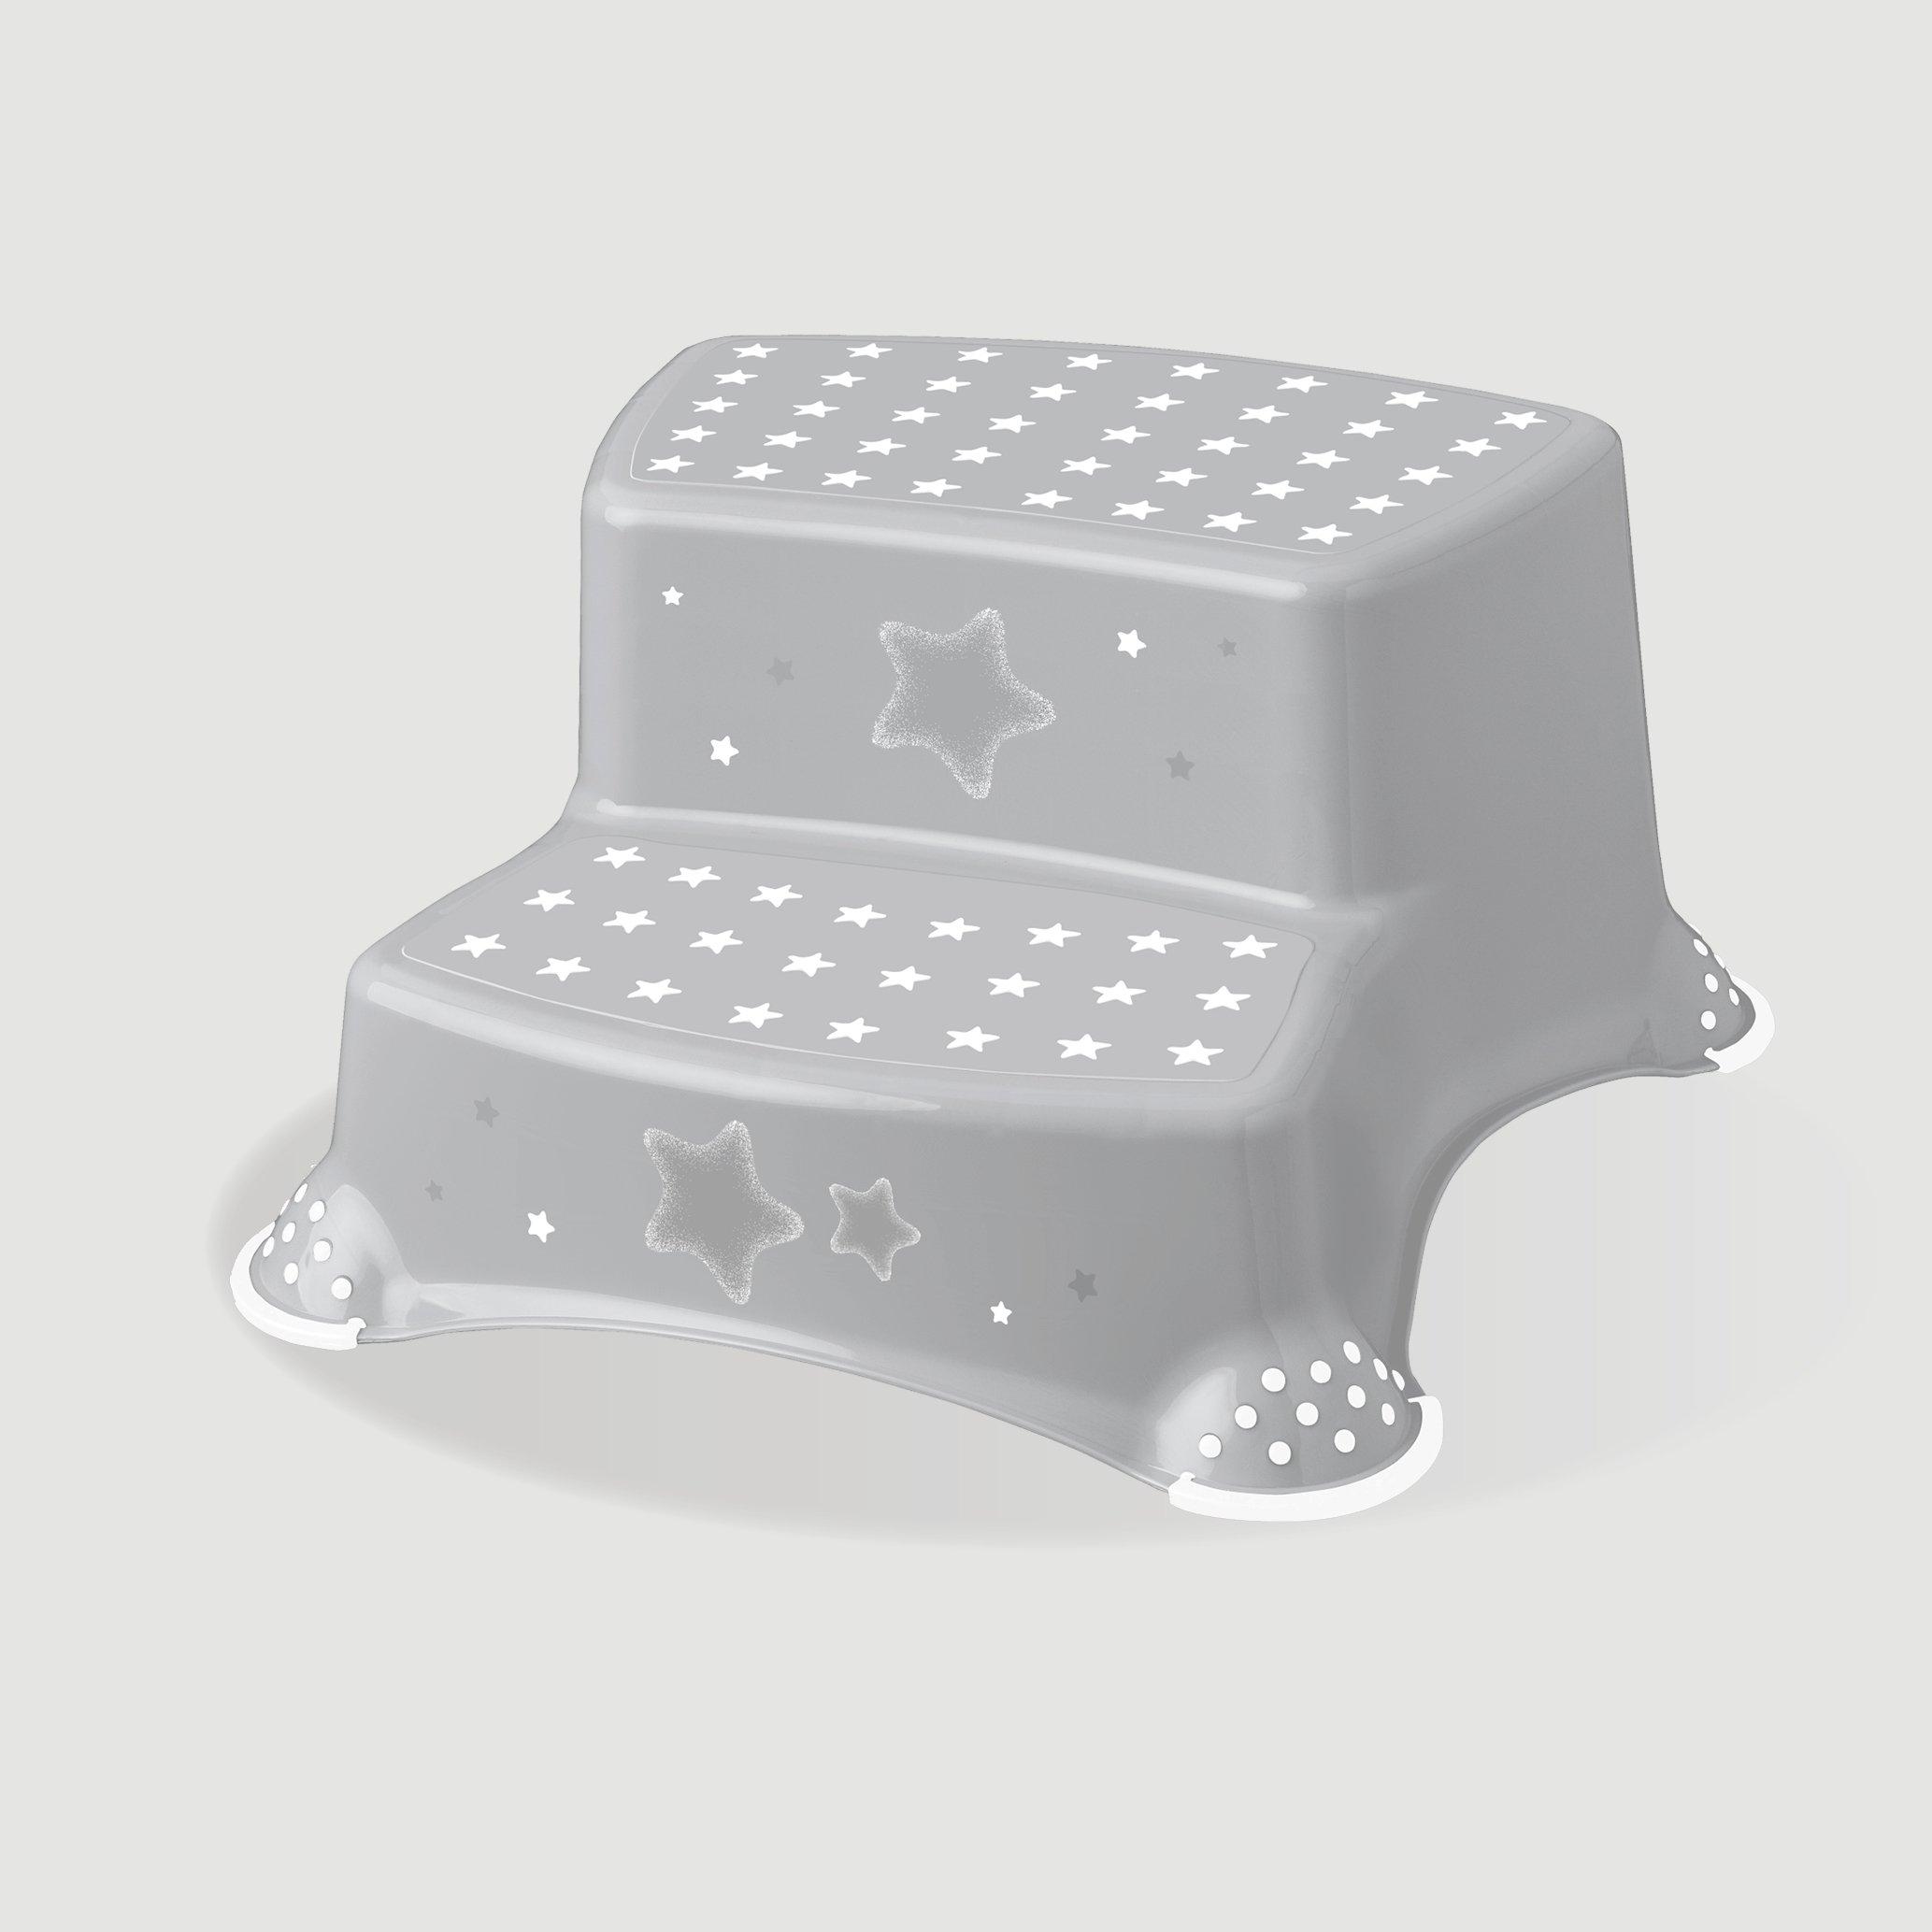 Protiskluzový stupínek stolièka dvoustupòová stars šedá